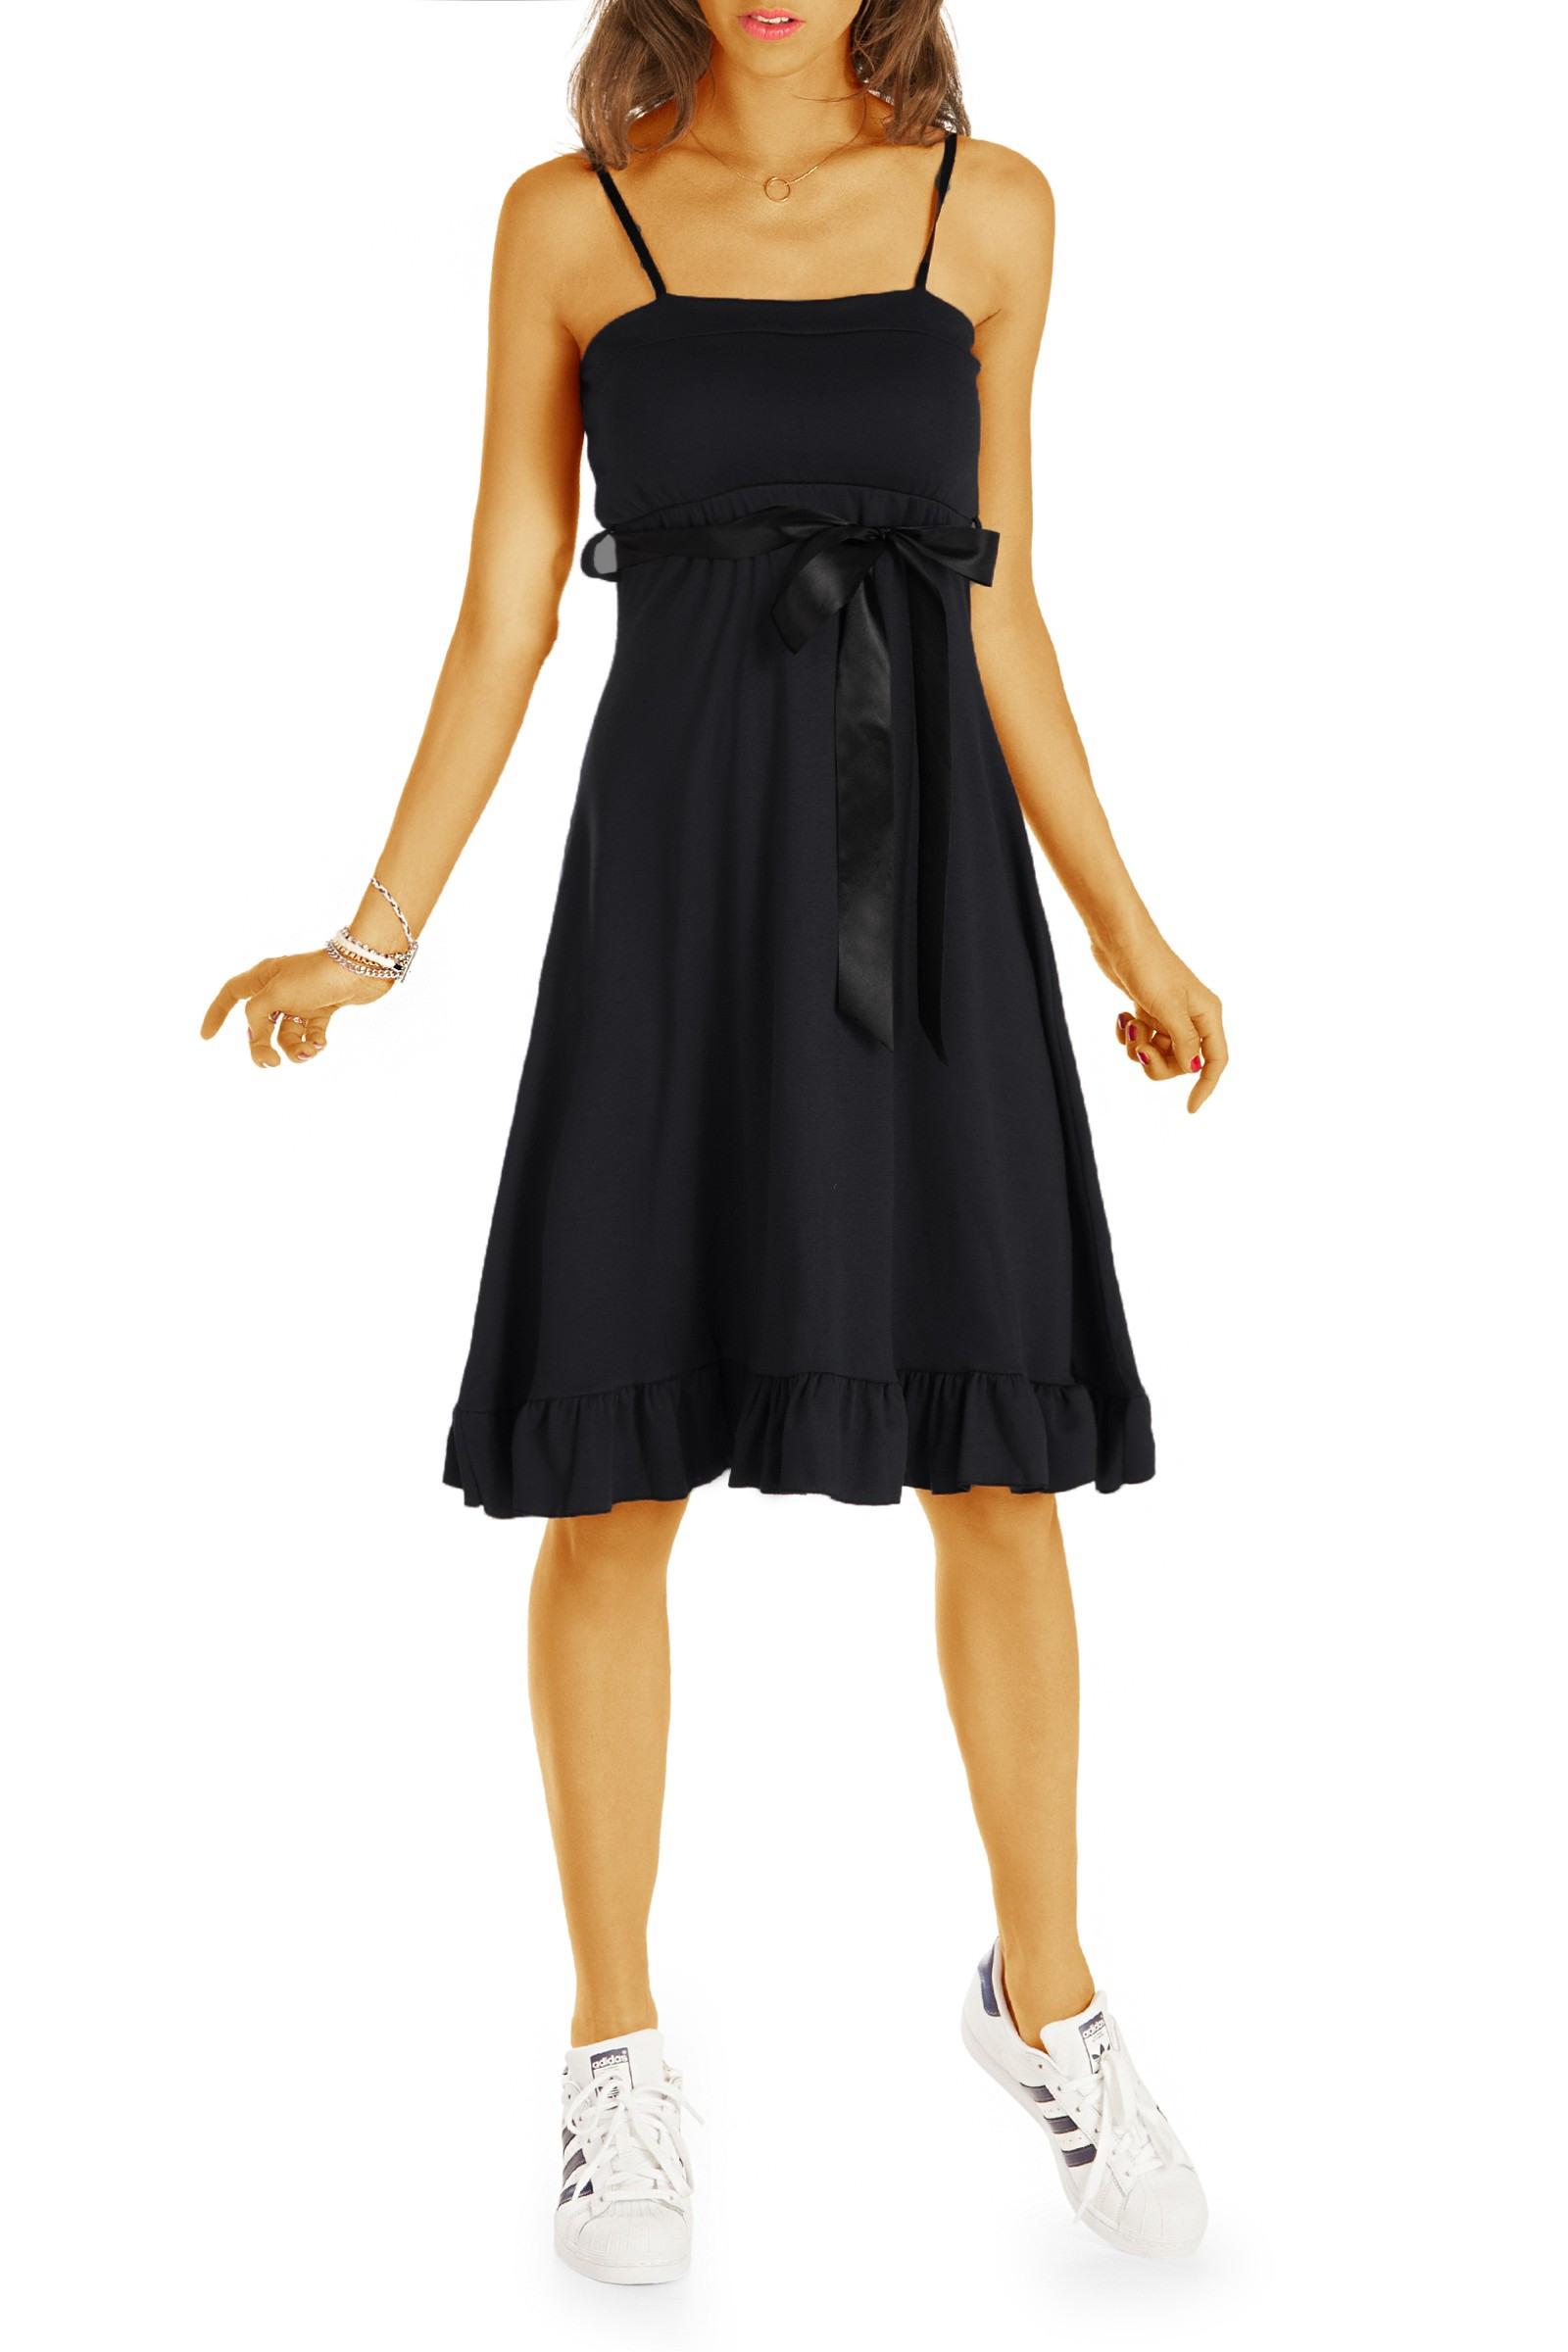 Designer Coolste Abend Cocktail Kleid Vertrieb - Abendkleid